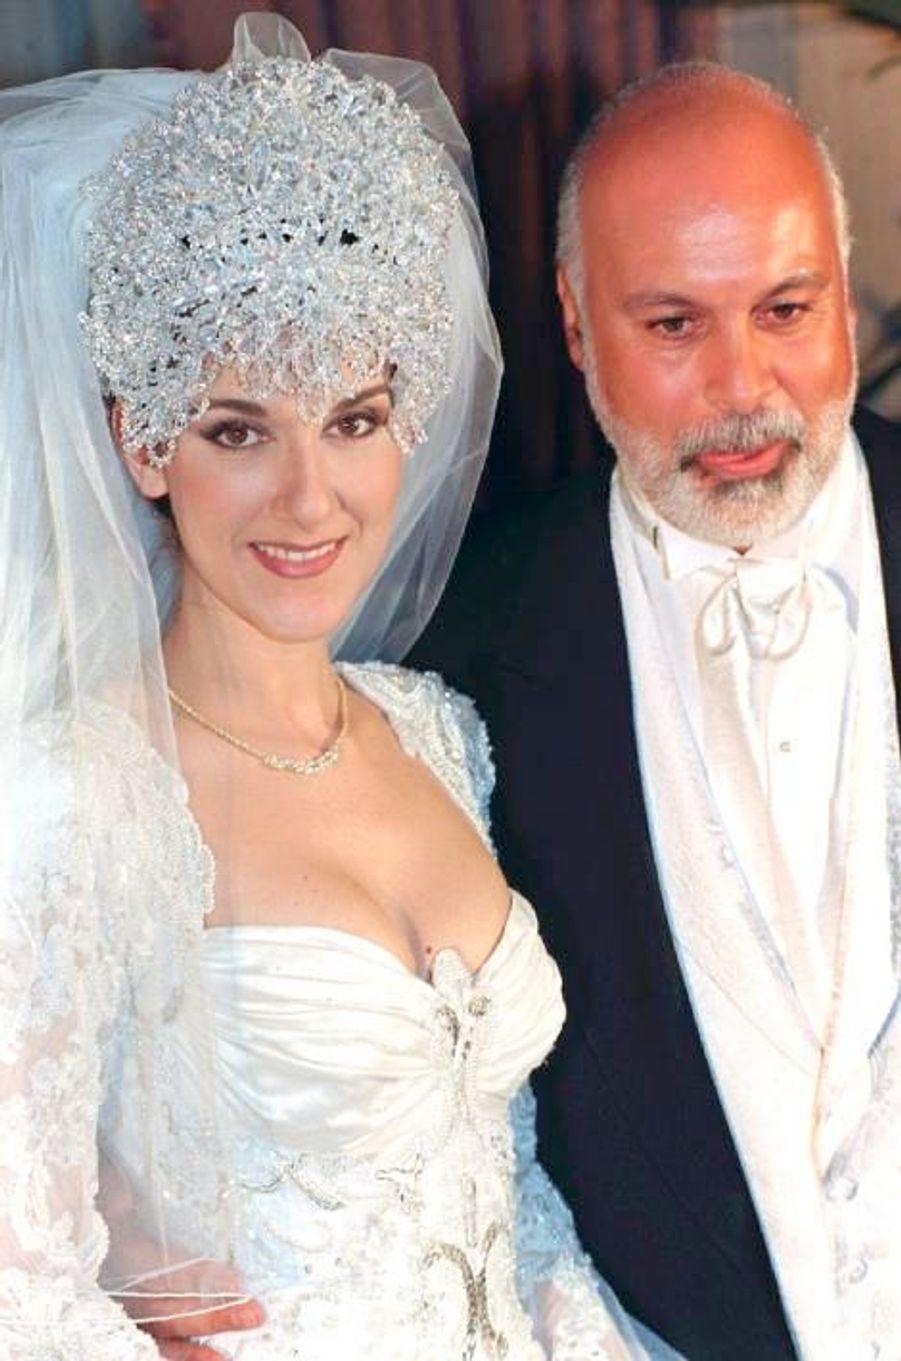 Le mariage de René Angélil et Céline Dion, le 17 décembre 1994